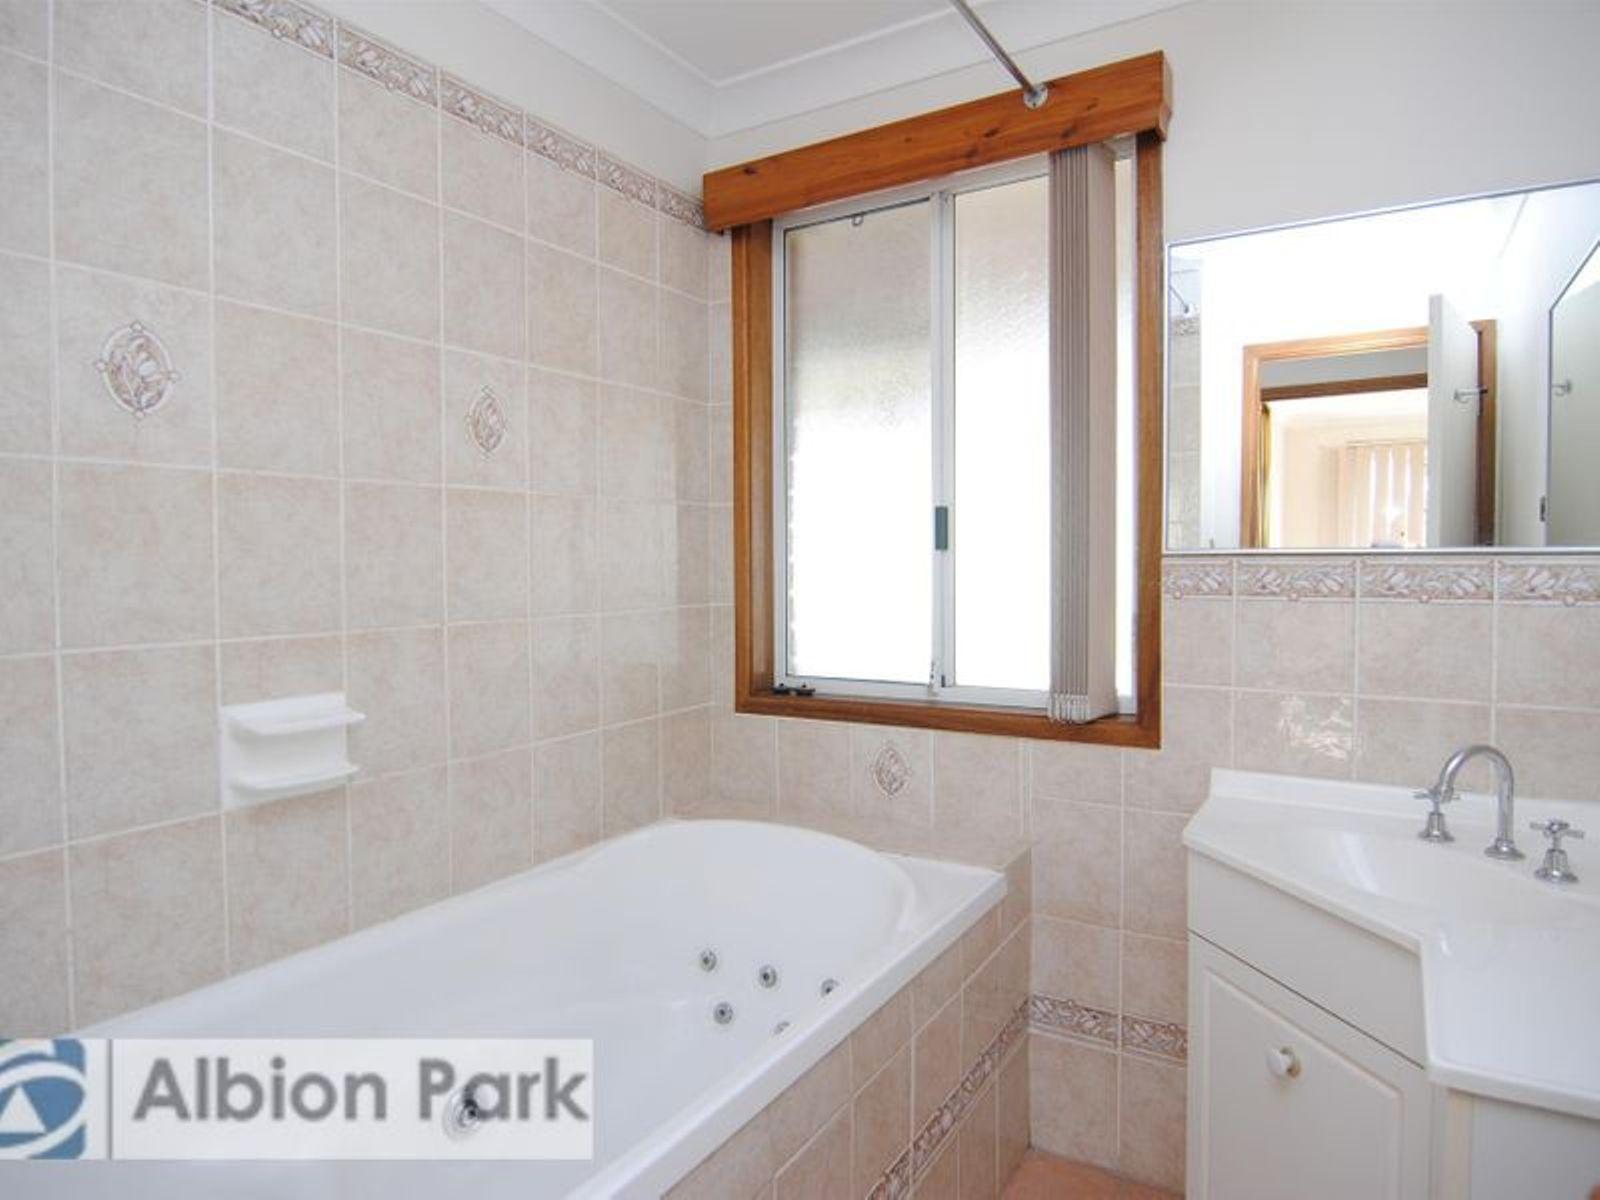 10 Whitewood Pl, Albion Park Rail NSW 2527, Australia , House for ...